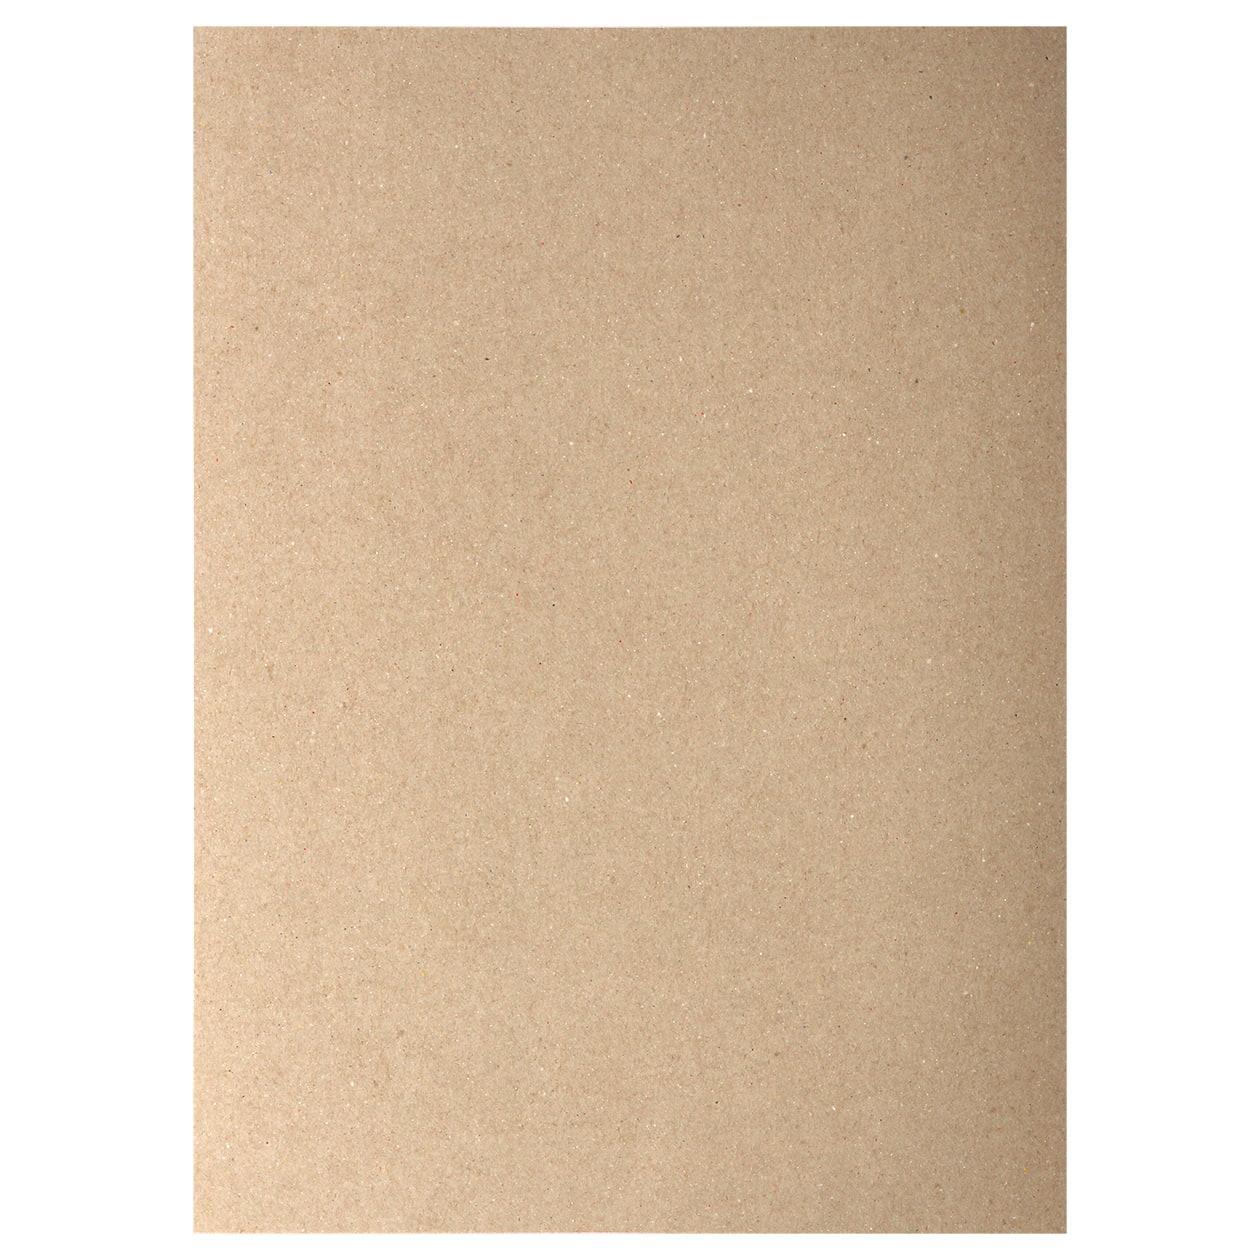 A4カード+α ボード紙 サンド 270g